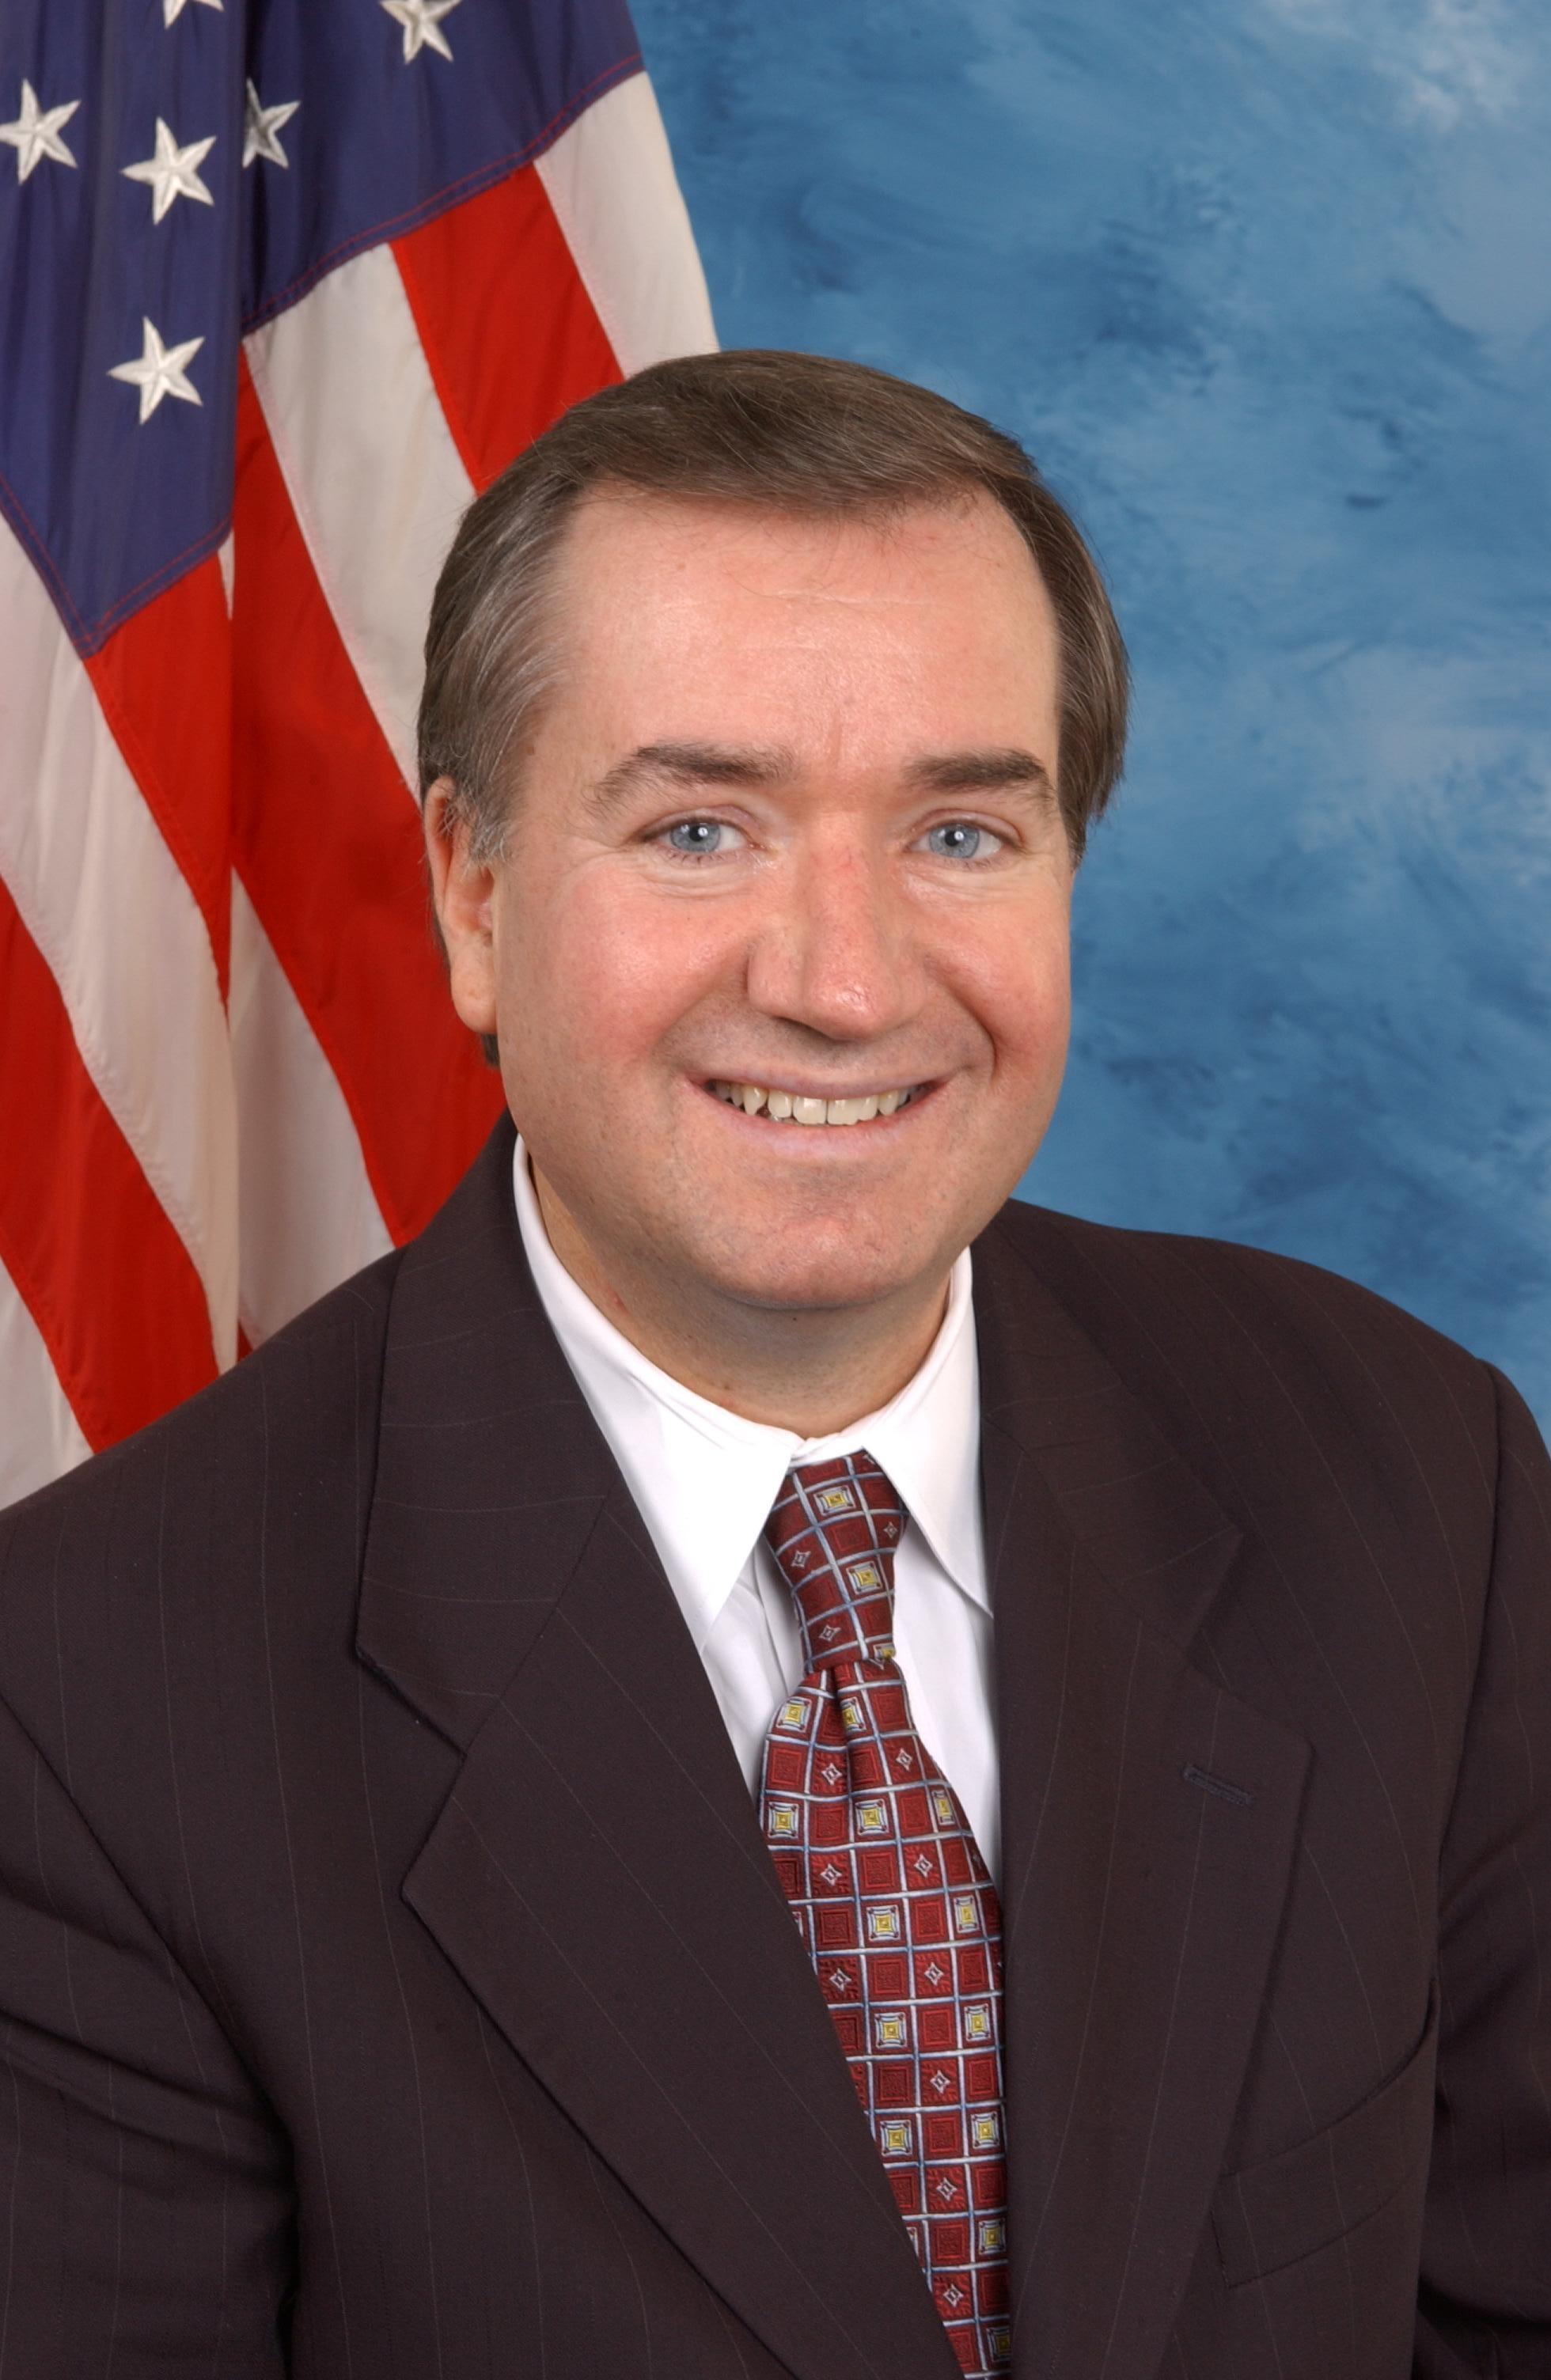 Rep. Ed Royce